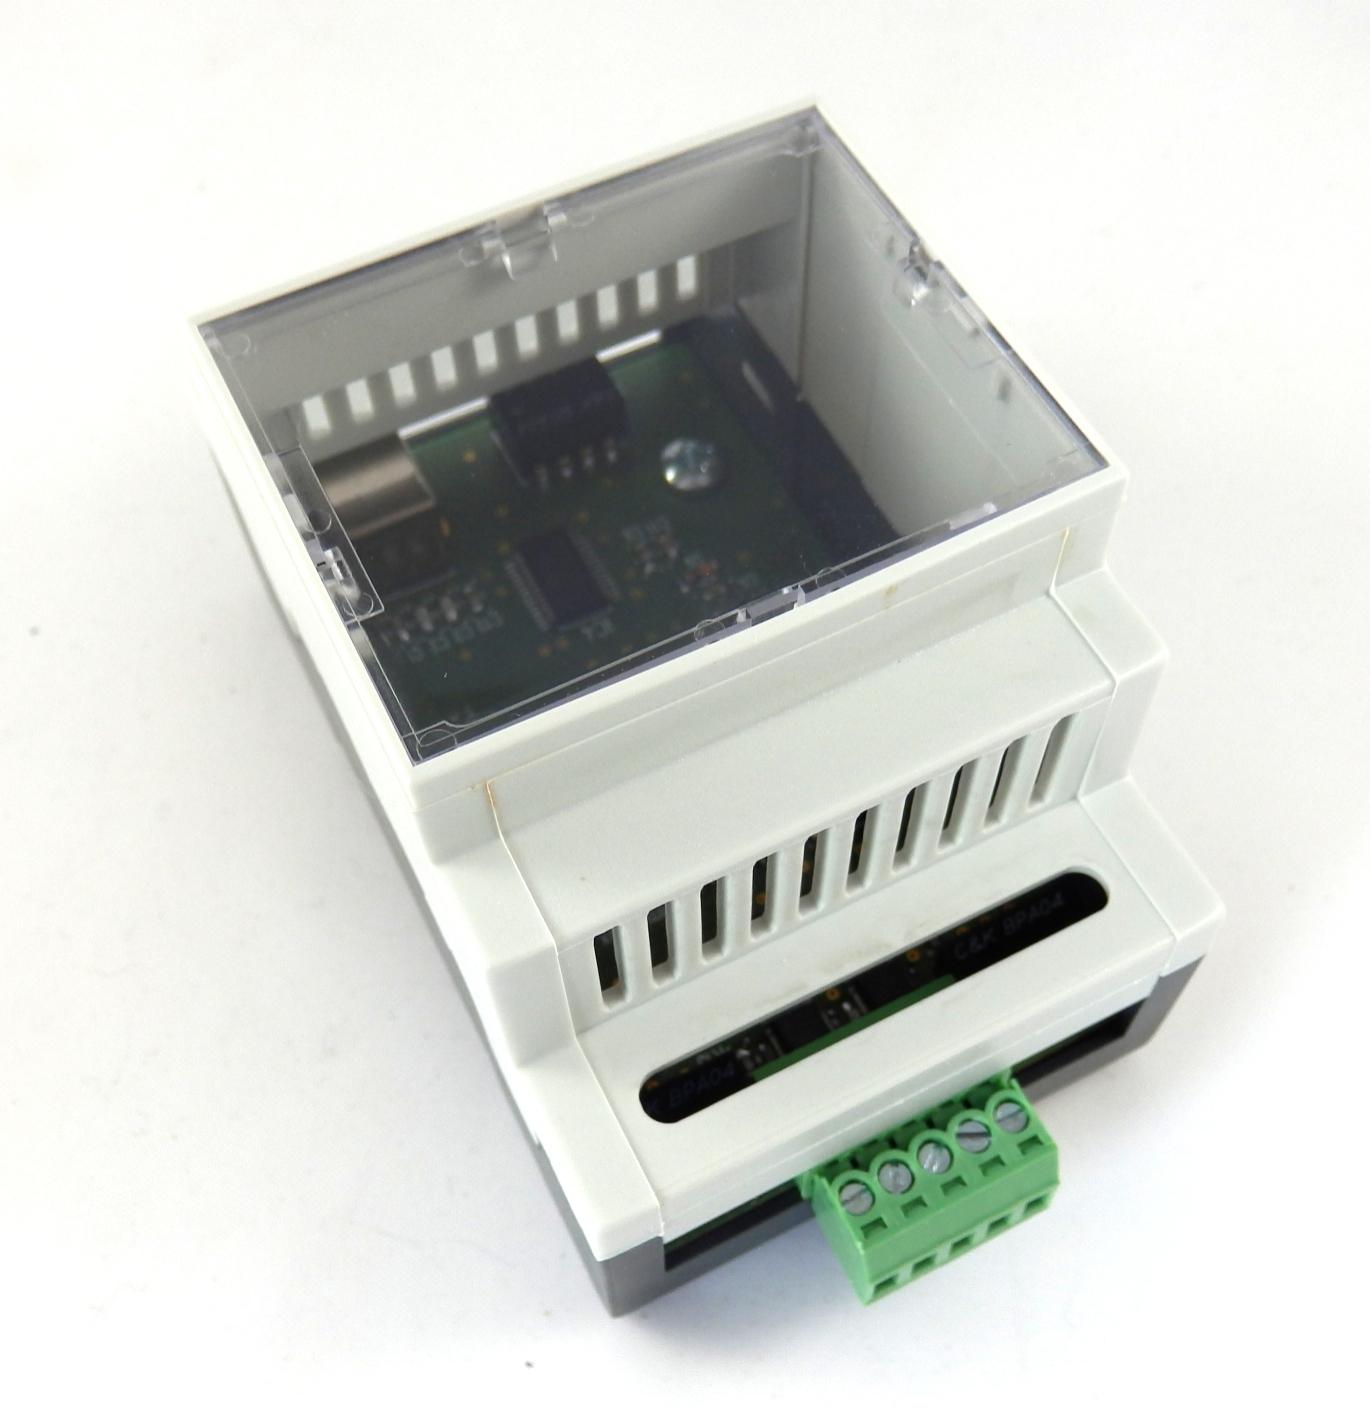 SimpliBox 485 Platine montiert im Gehäuse